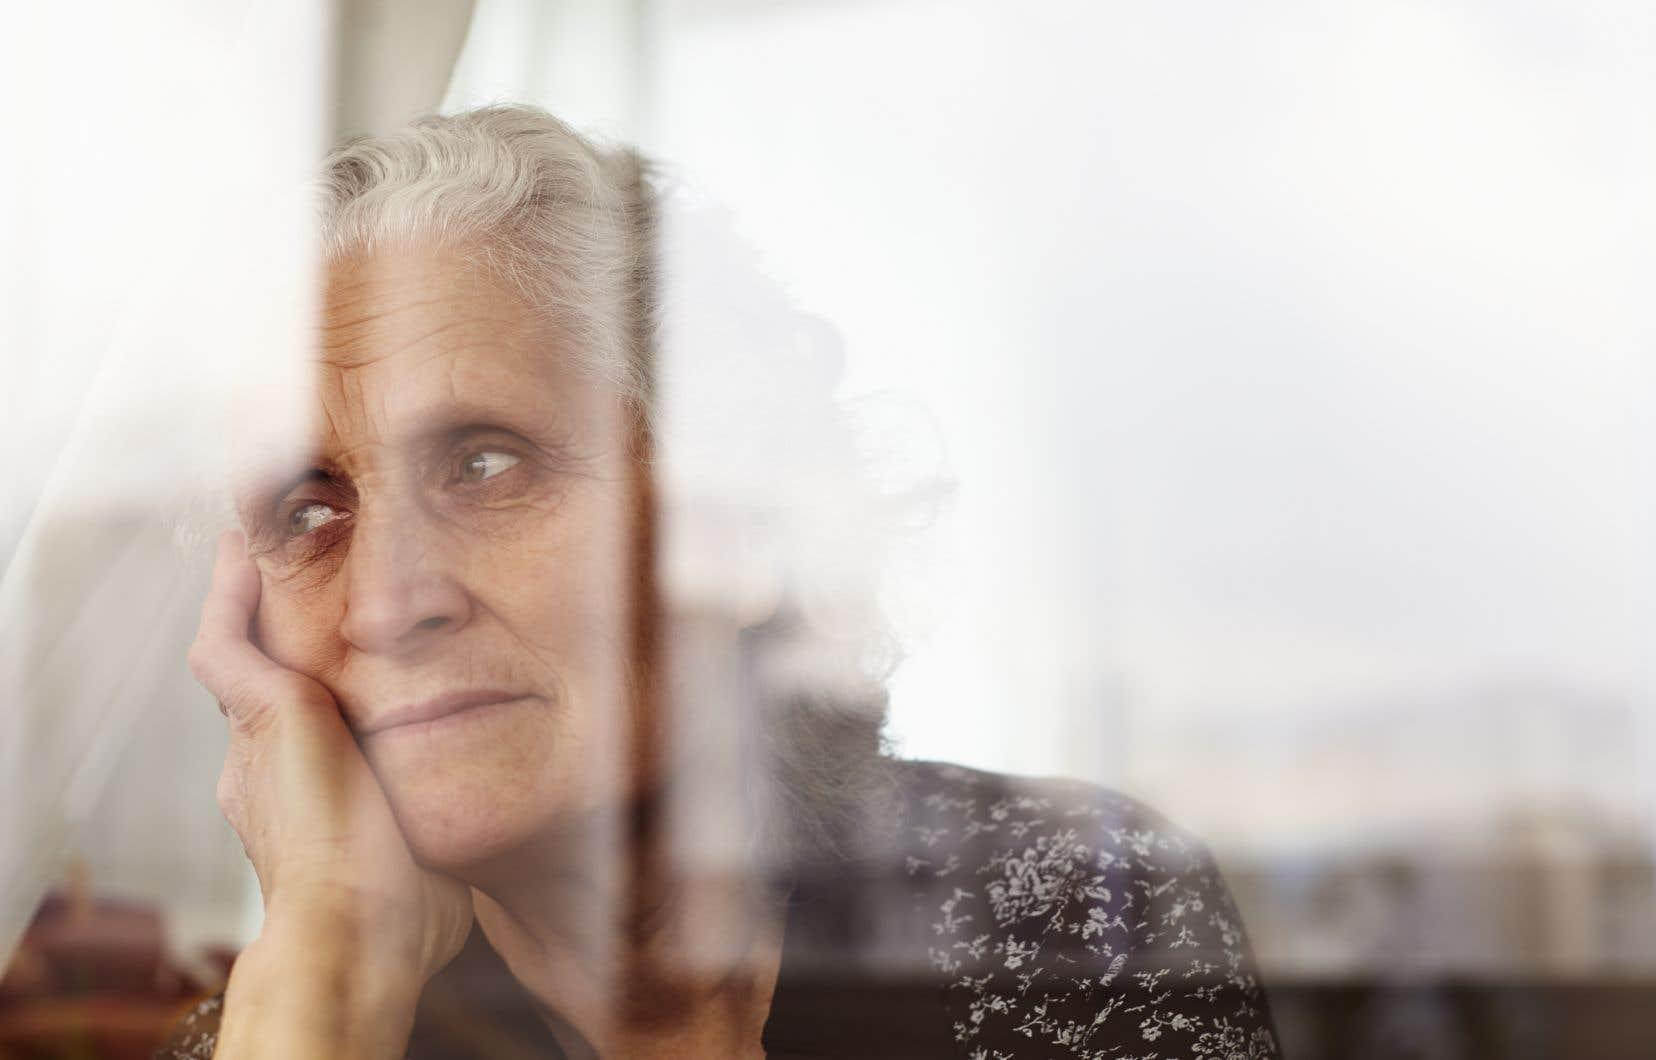 Les personnes âgées du Québec vivent de plus en plus longtemps, mais aussi de plus en plus seules. C'est le cas de 29% d'entre elles à l'âge de 65ans, et cette proportion augmente à 56% une fois la barre des 85ans passée.